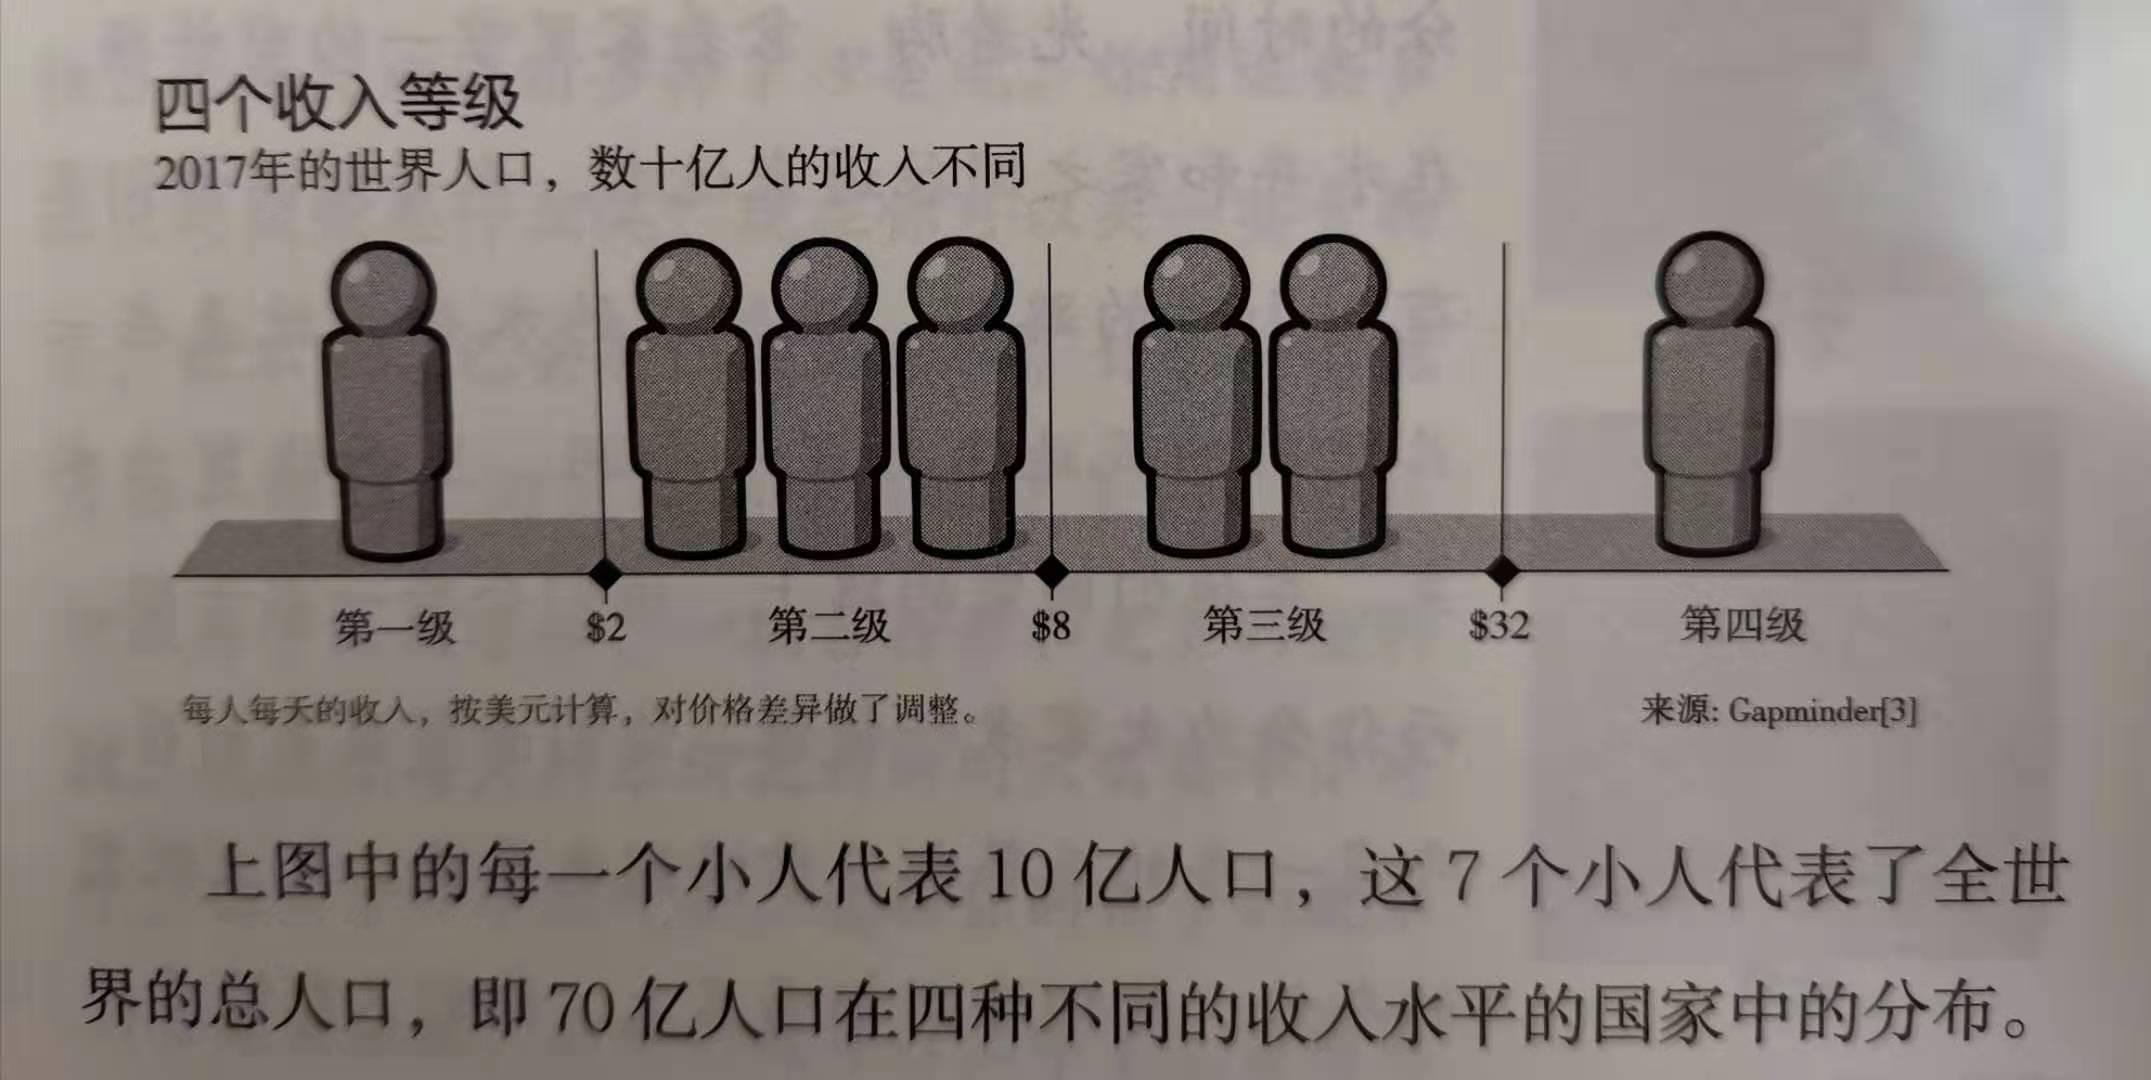 寰俊锲剧墖_20191218184651.jpg